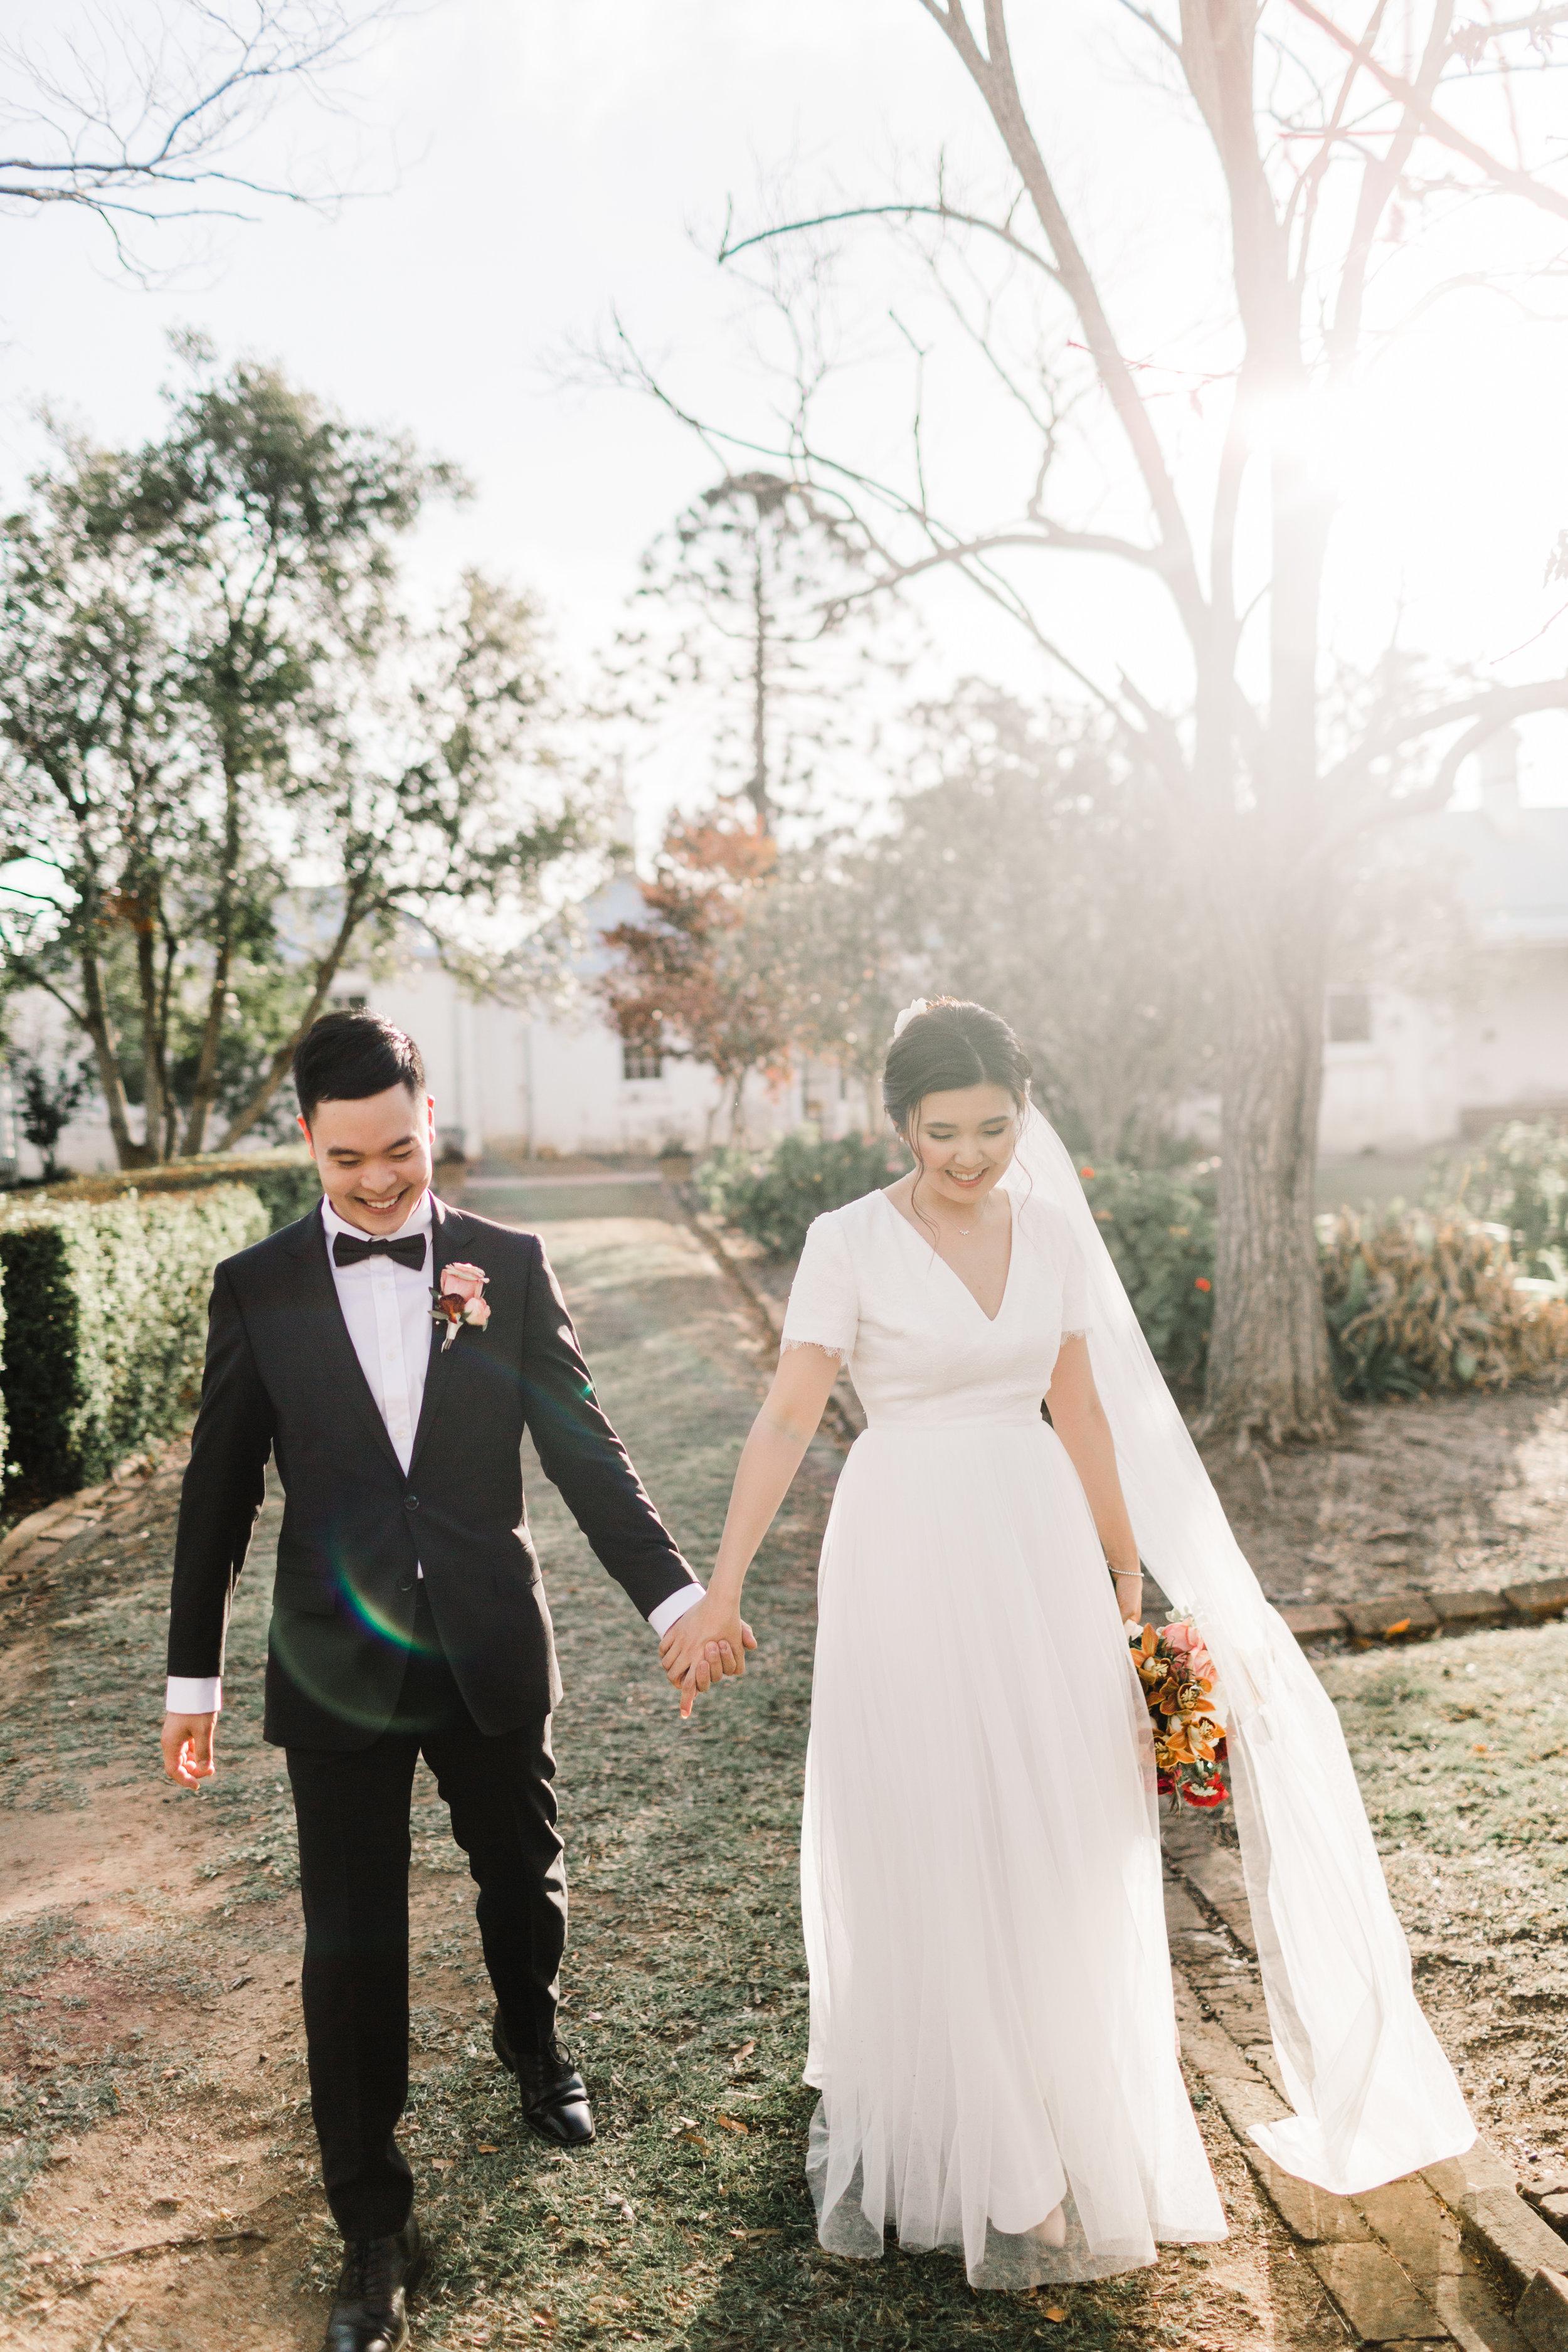 Tiffany and Dave Custom Bridal Dress Sydney Wedding